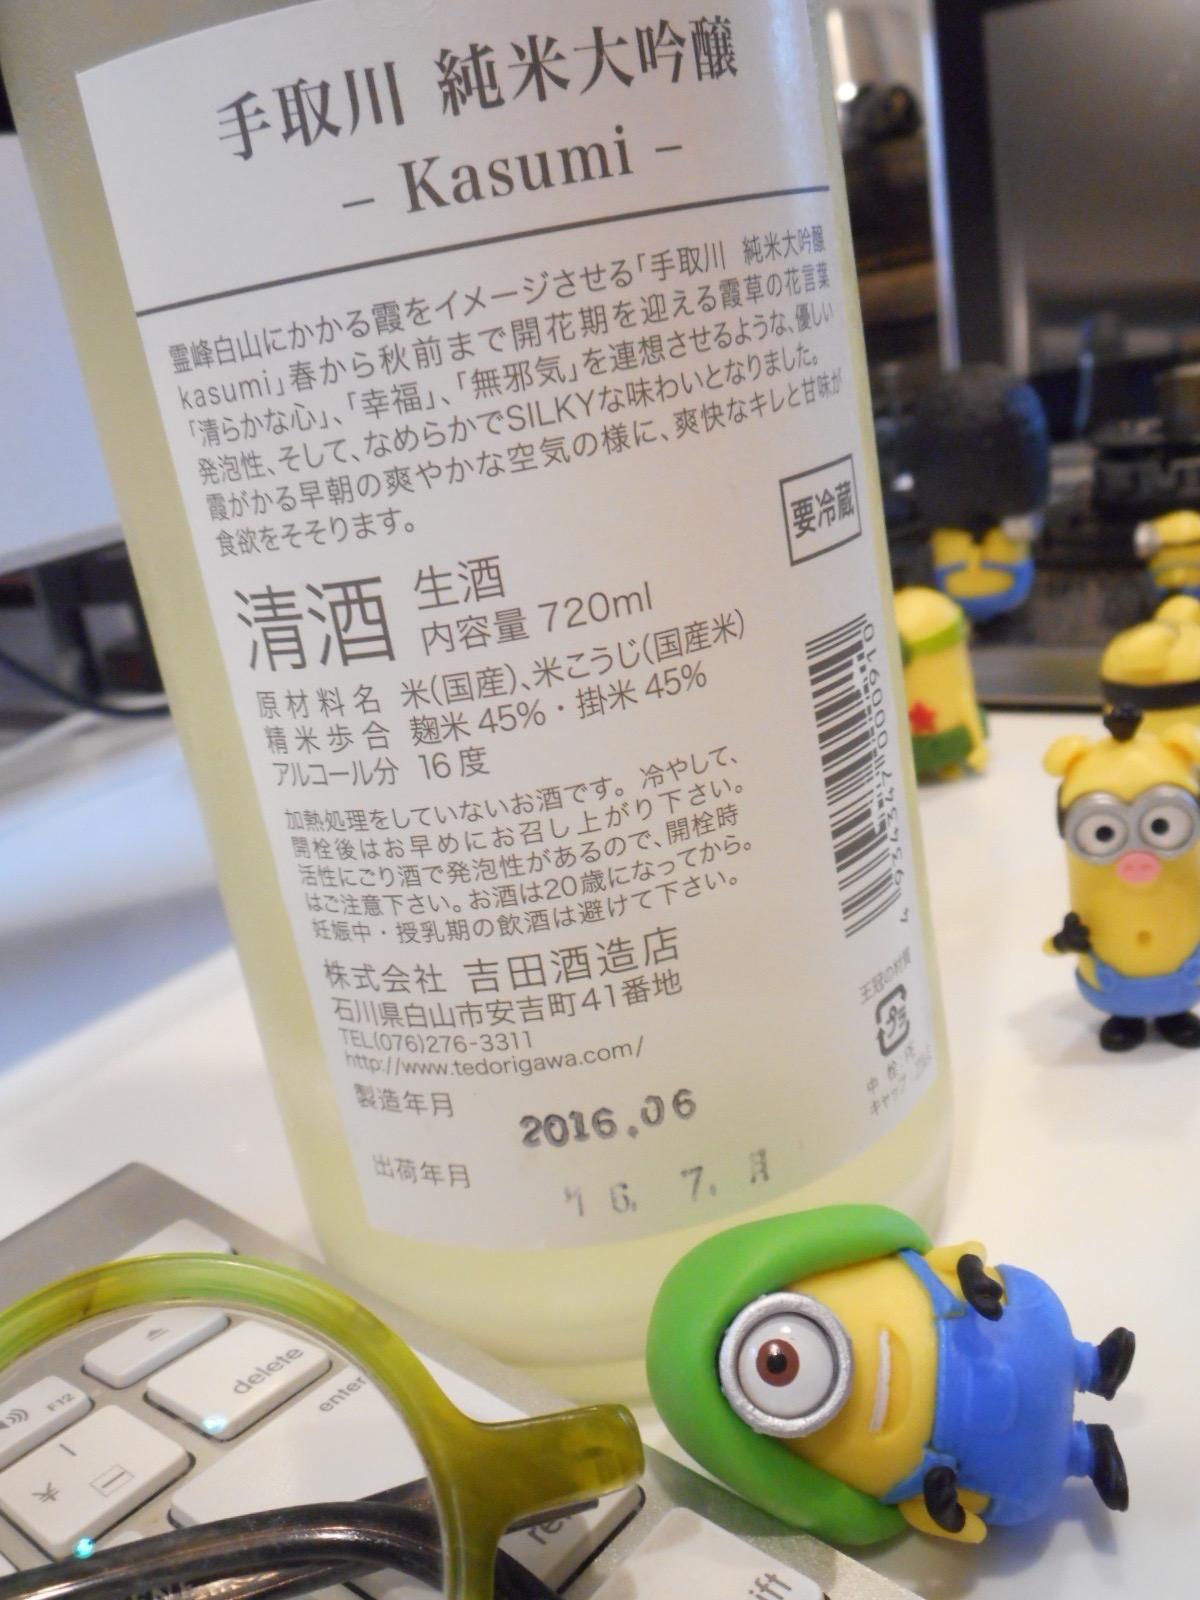 tedorigawa_kasumi27by2.jpg